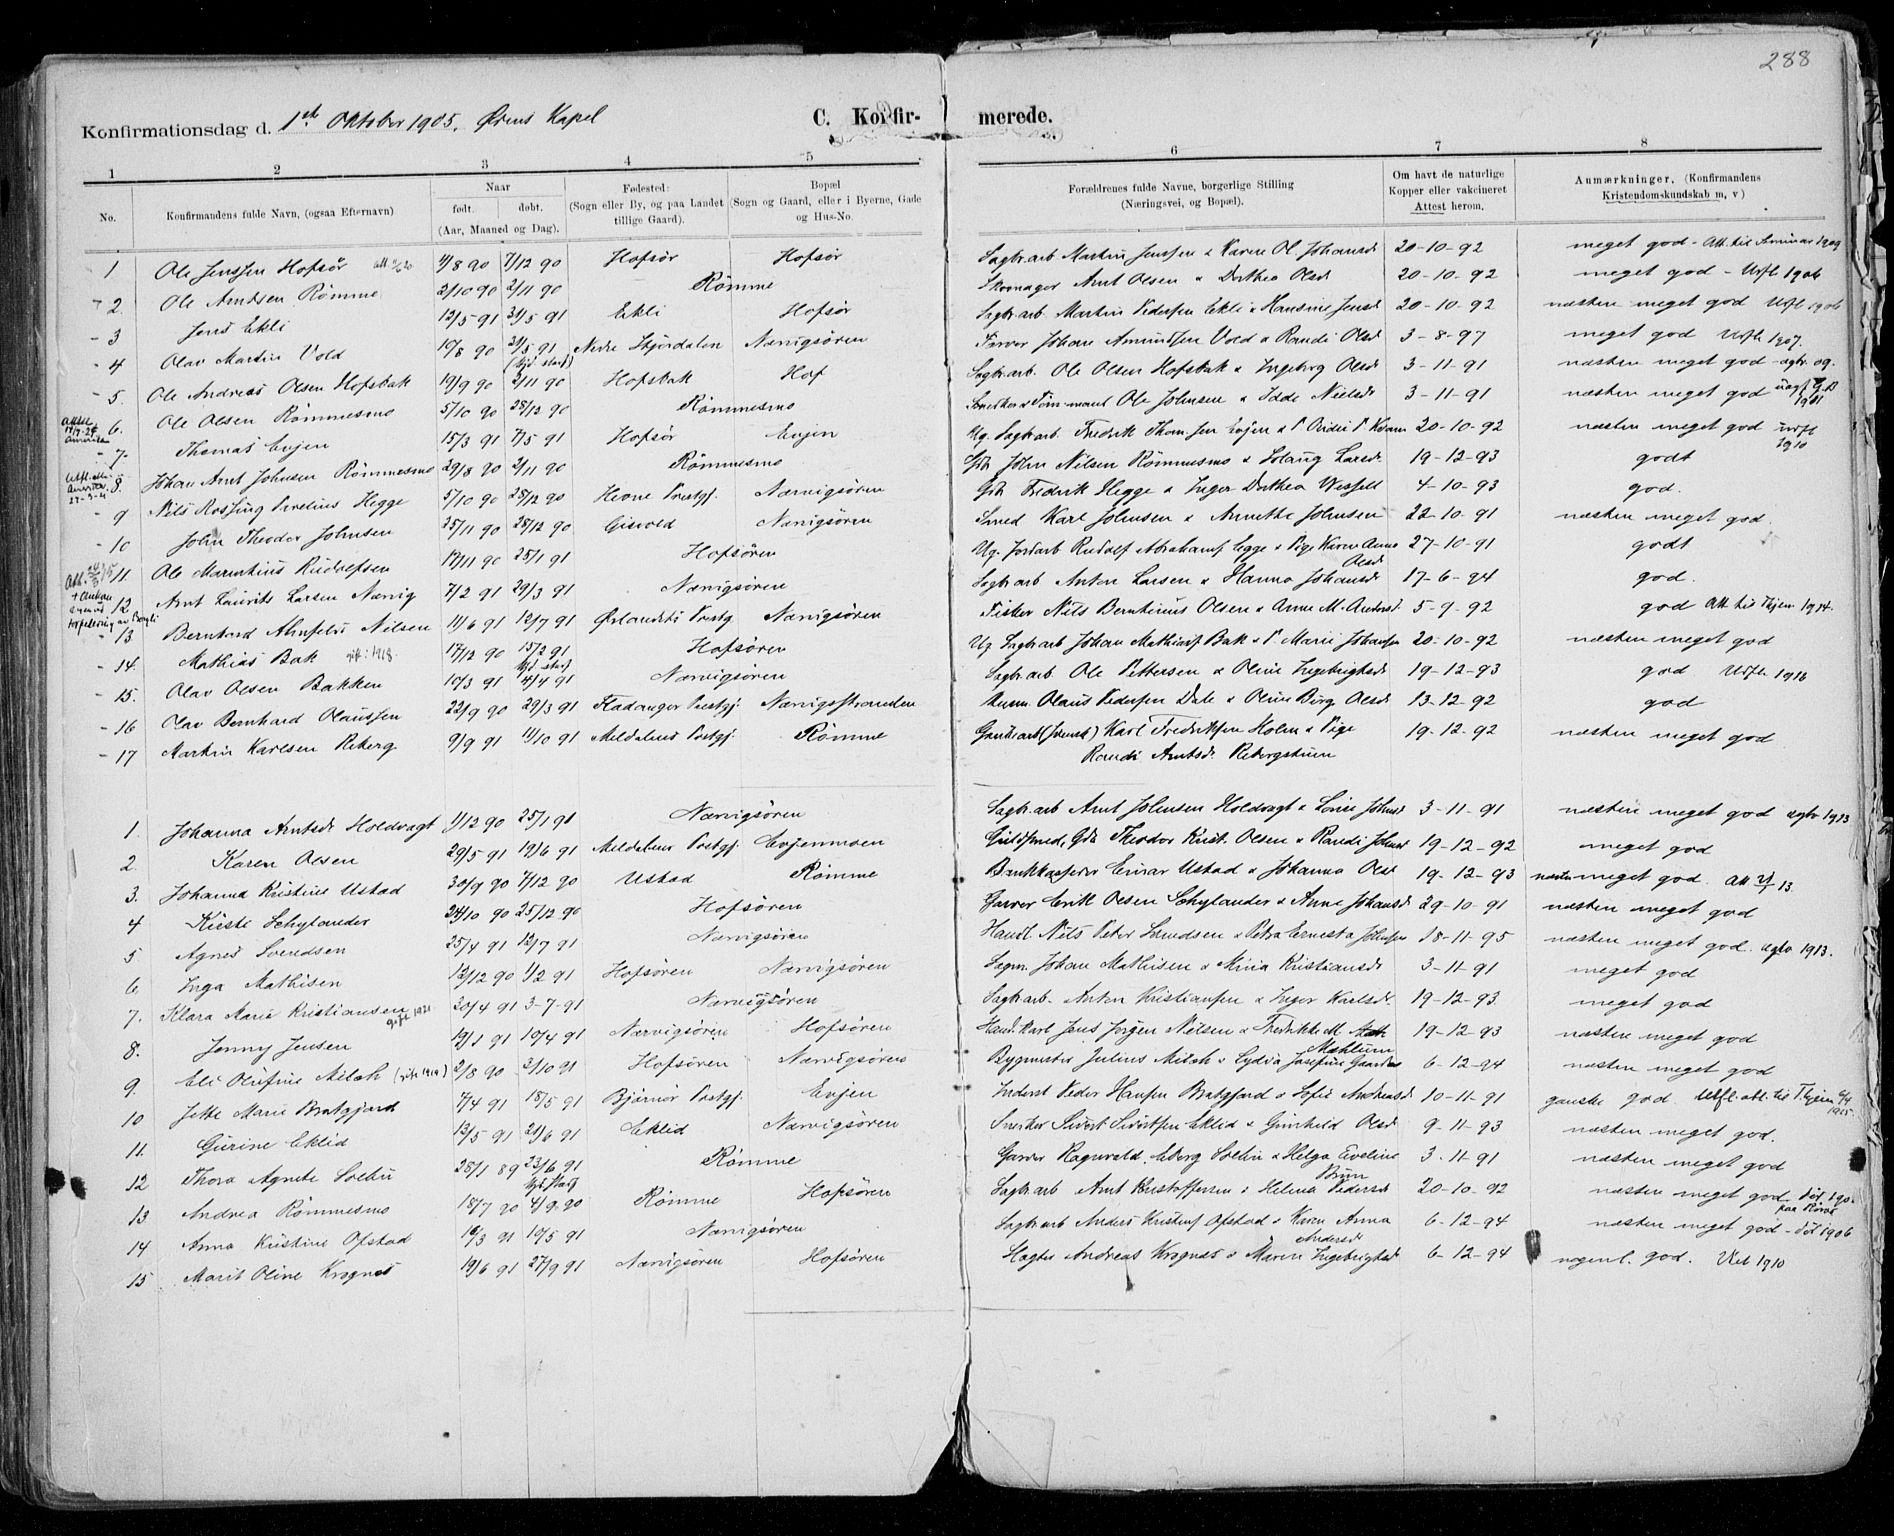 SAT, Ministerialprotokoller, klokkerbøker og fødselsregistre - Sør-Trøndelag, 668/L0811: Ministerialbok nr. 668A11, 1894-1913, s. 288